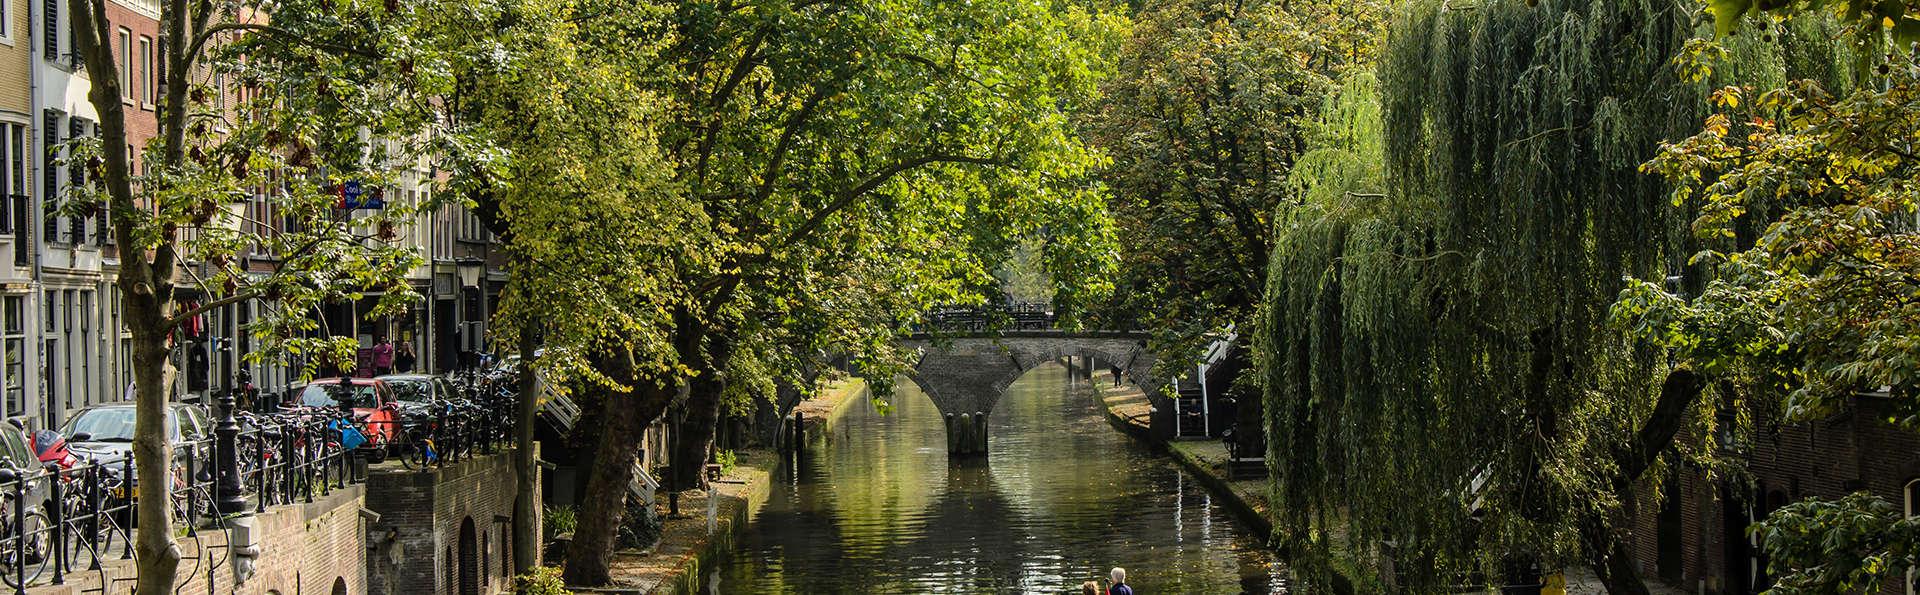 Découvrez la ville historique d'Utrecht sur l'eau